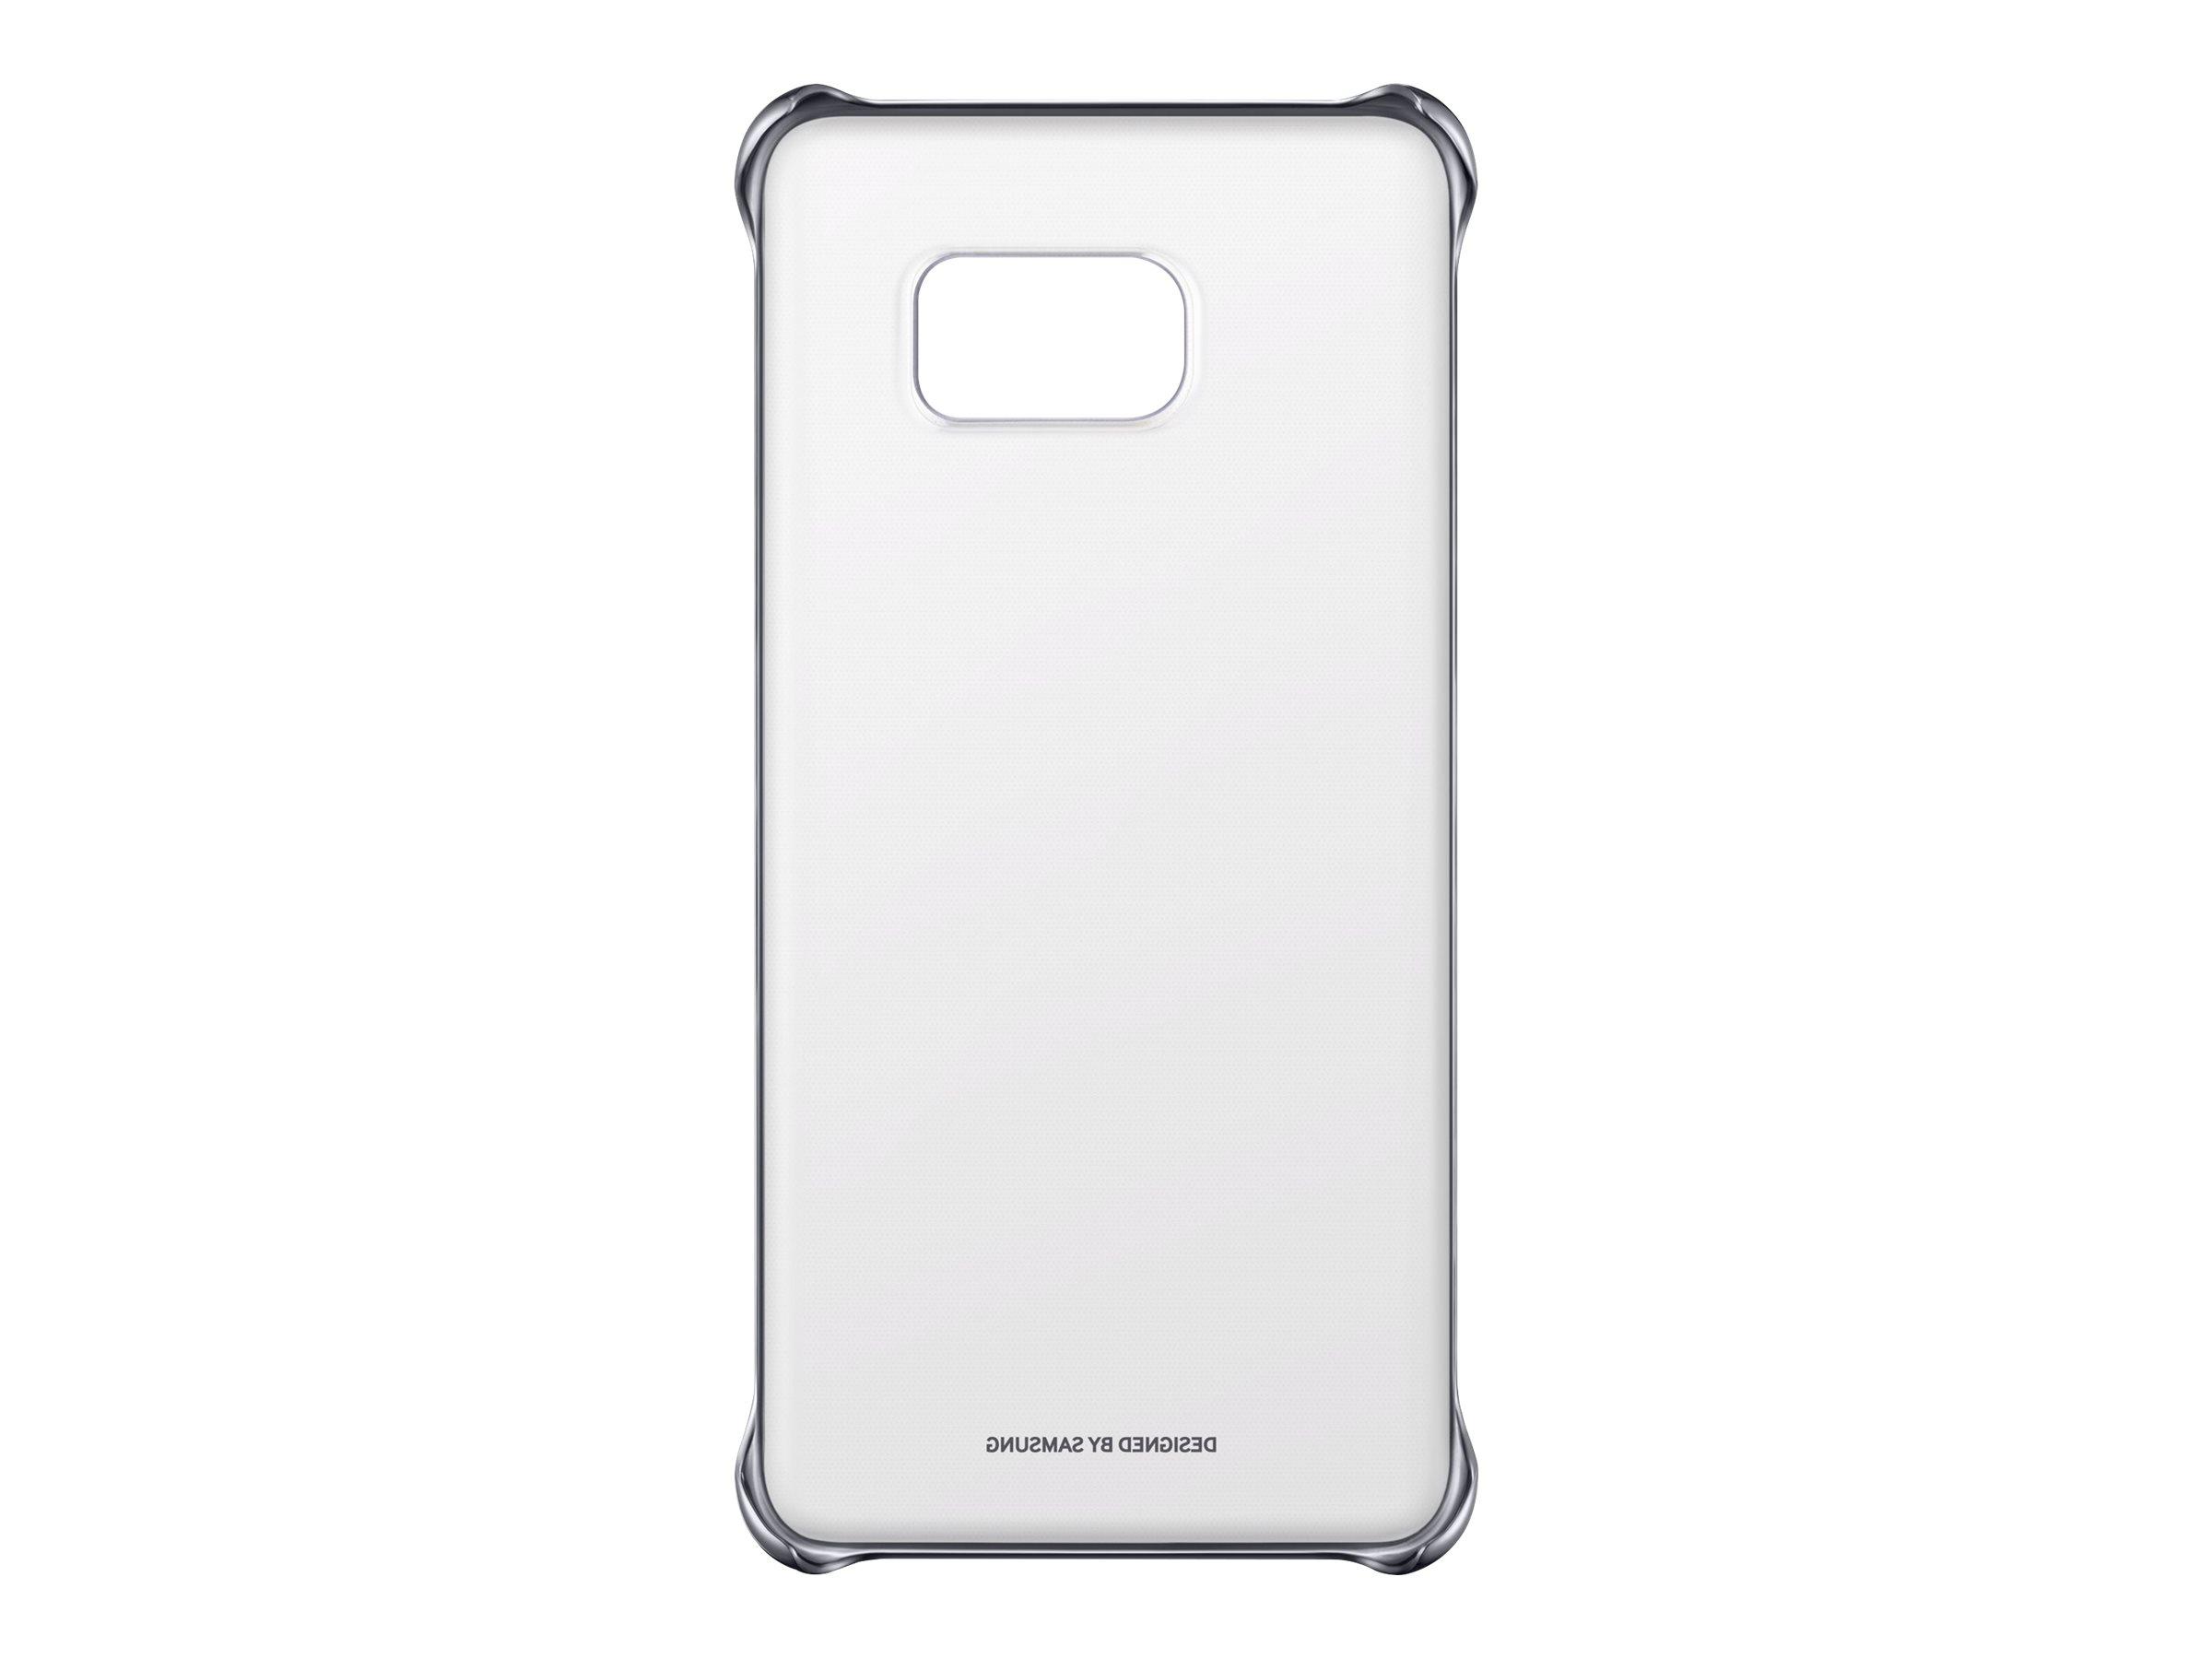 Samsung Clear Cover EF-QG928CS coque de protection pour téléphone portable